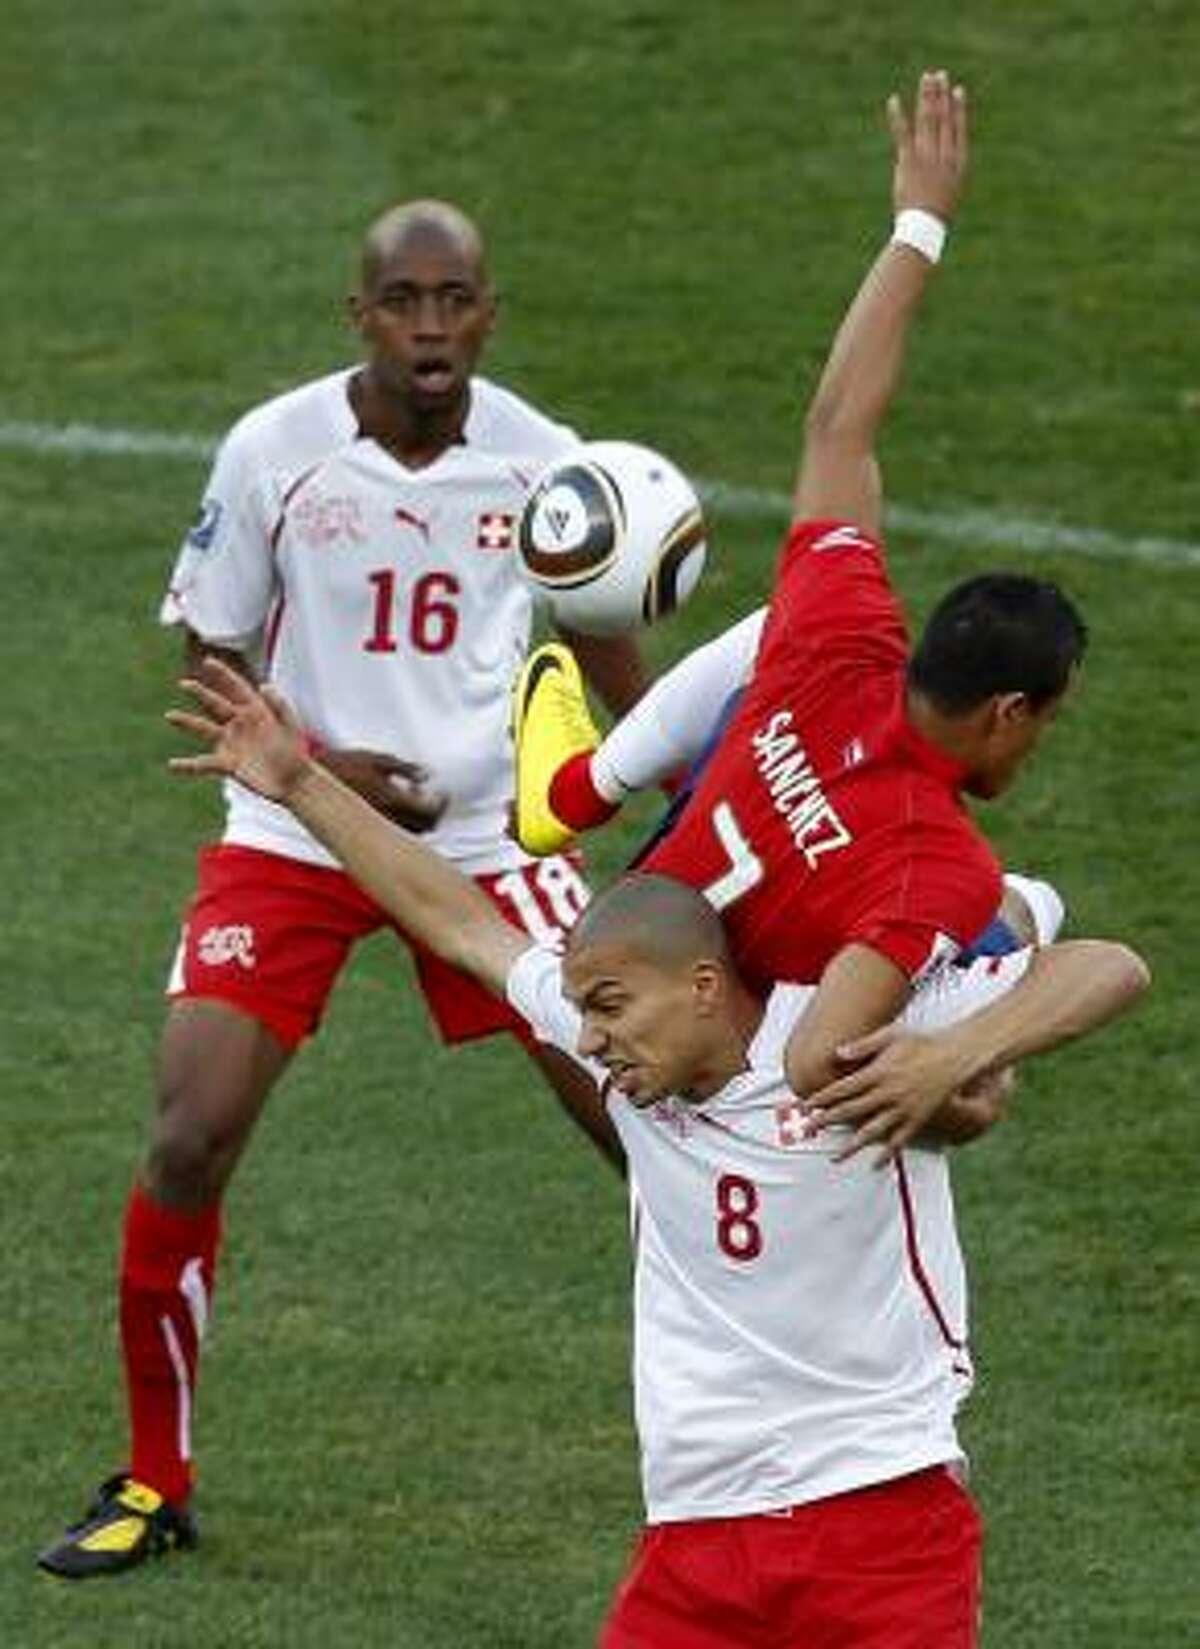 El chileno Alexis Sánchez (7) busca un balón aéreo con el suizo Inler.